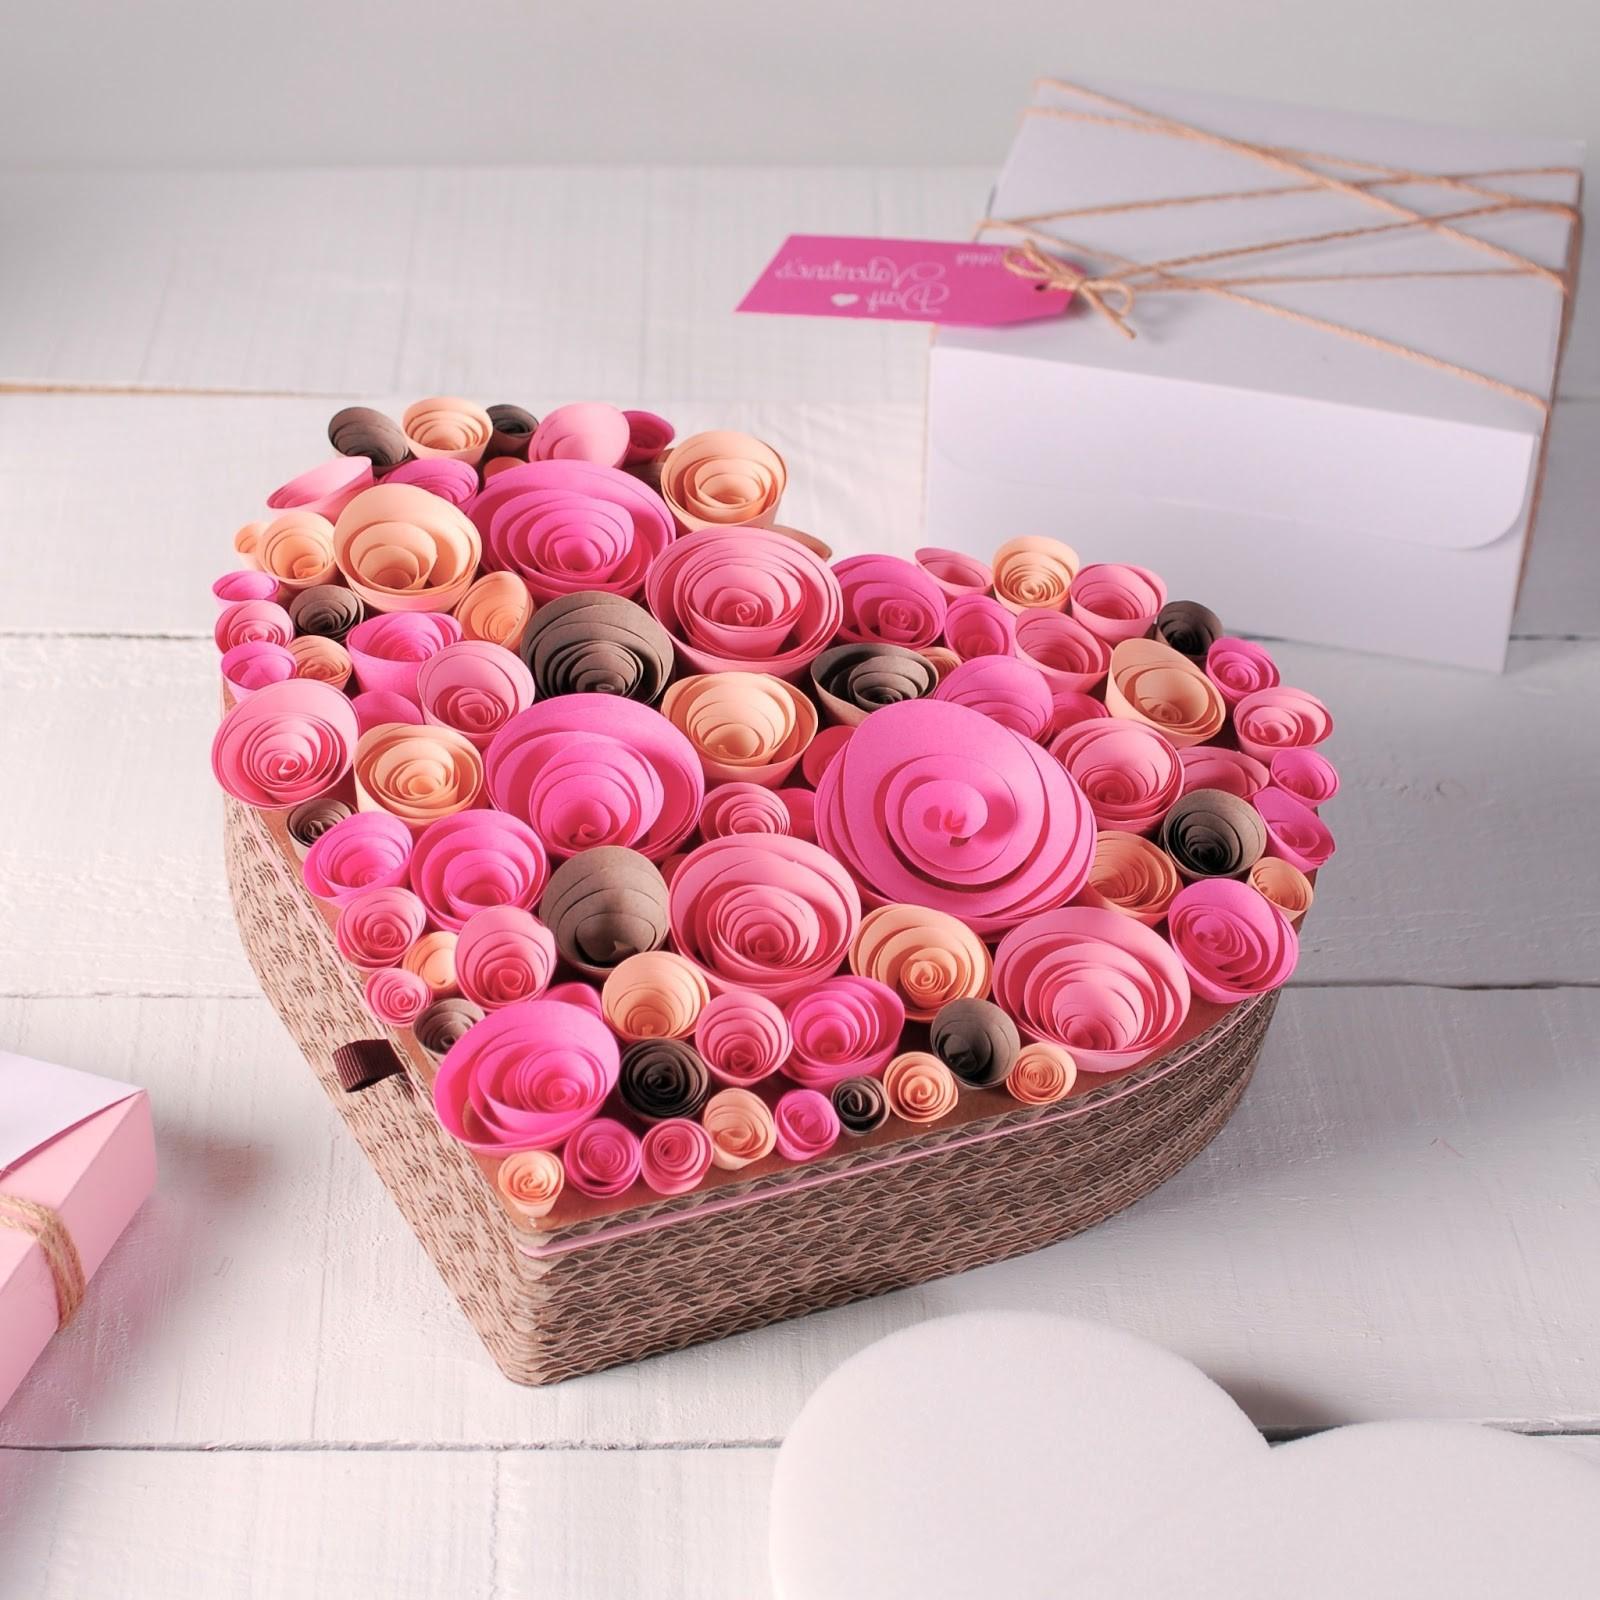 Emballage romantique.